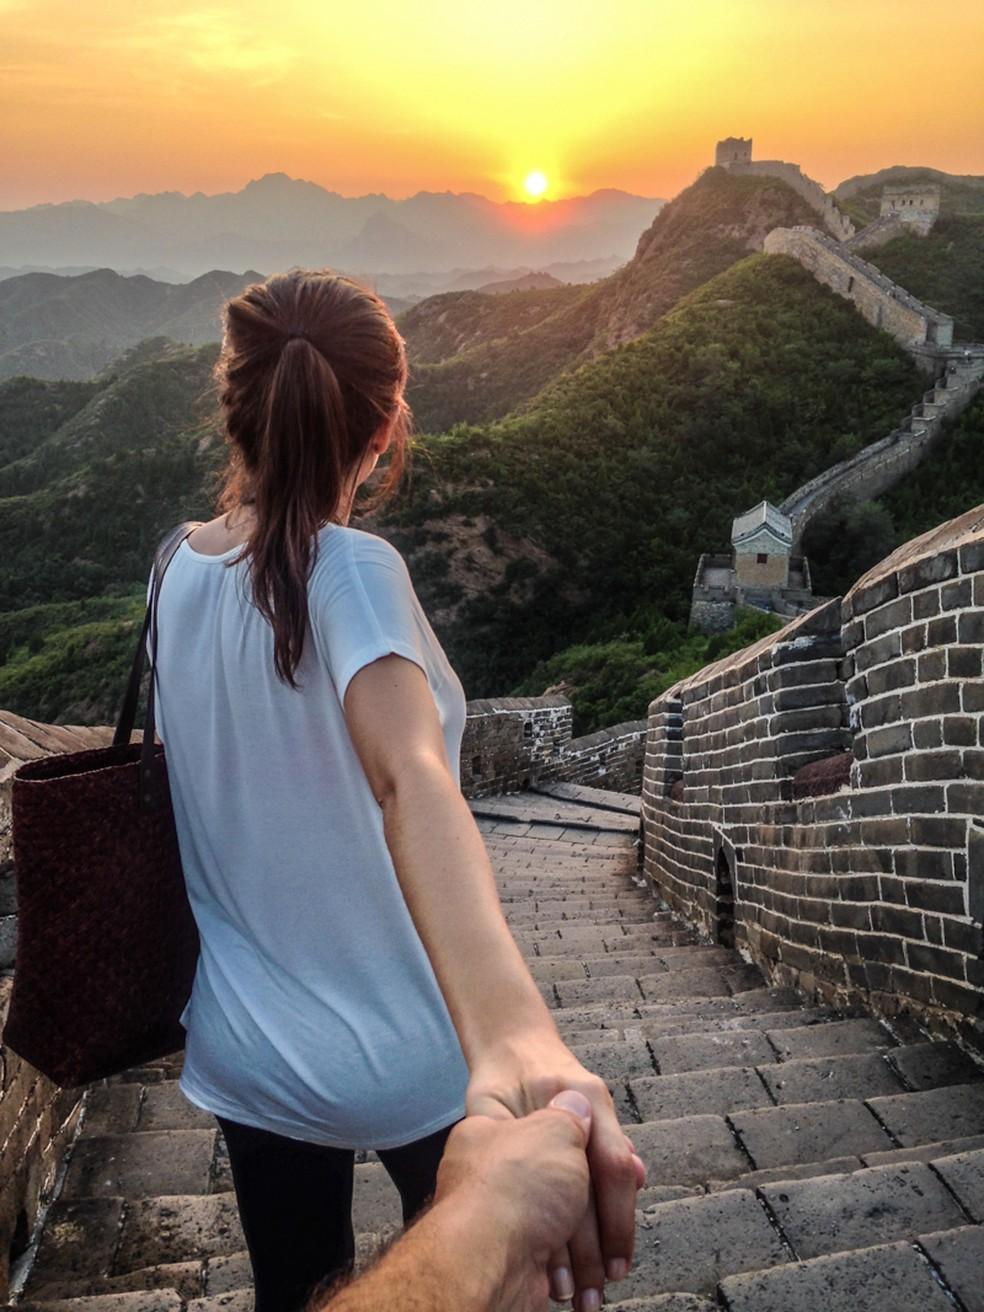 Rachel e Leonardo passaram pela Muralha da China, em um pôr-do-sol de tirar o fôlego (Foto: Divulgação)